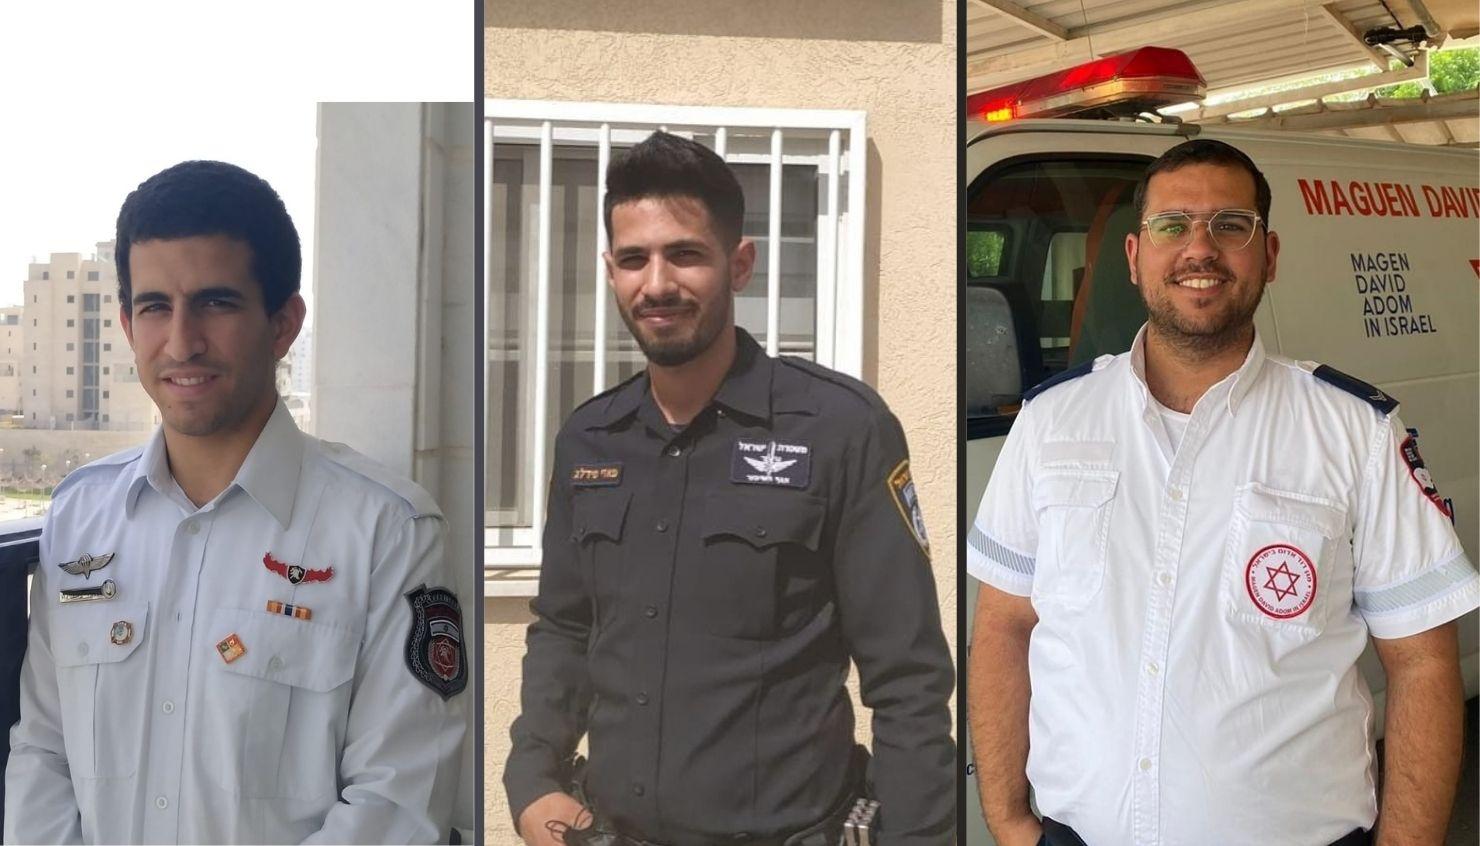 מימין: אלישע תורג'מן, פאדי כבהה ואלעד בוסקילה